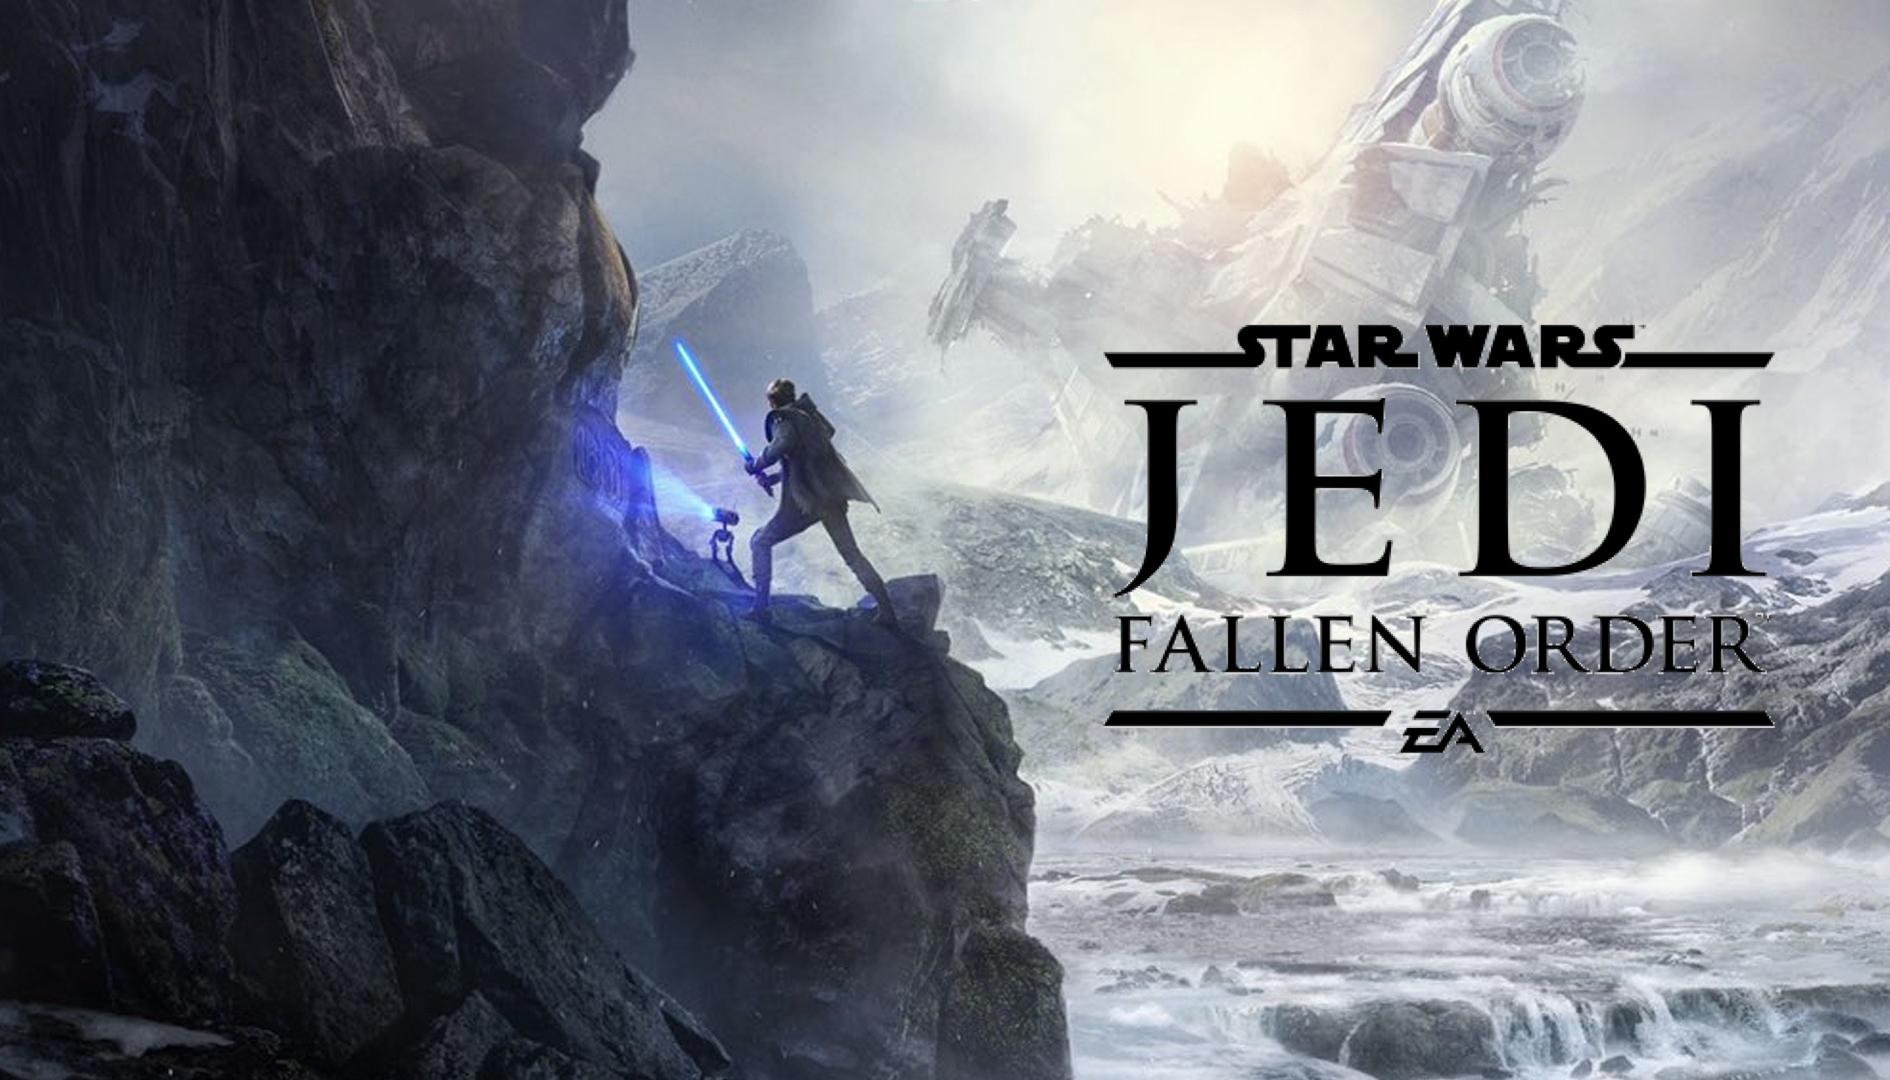 Star Wars Jedi Fallen Order: niente prova gratis su EA Access, il rischio spoiler è troppo alto